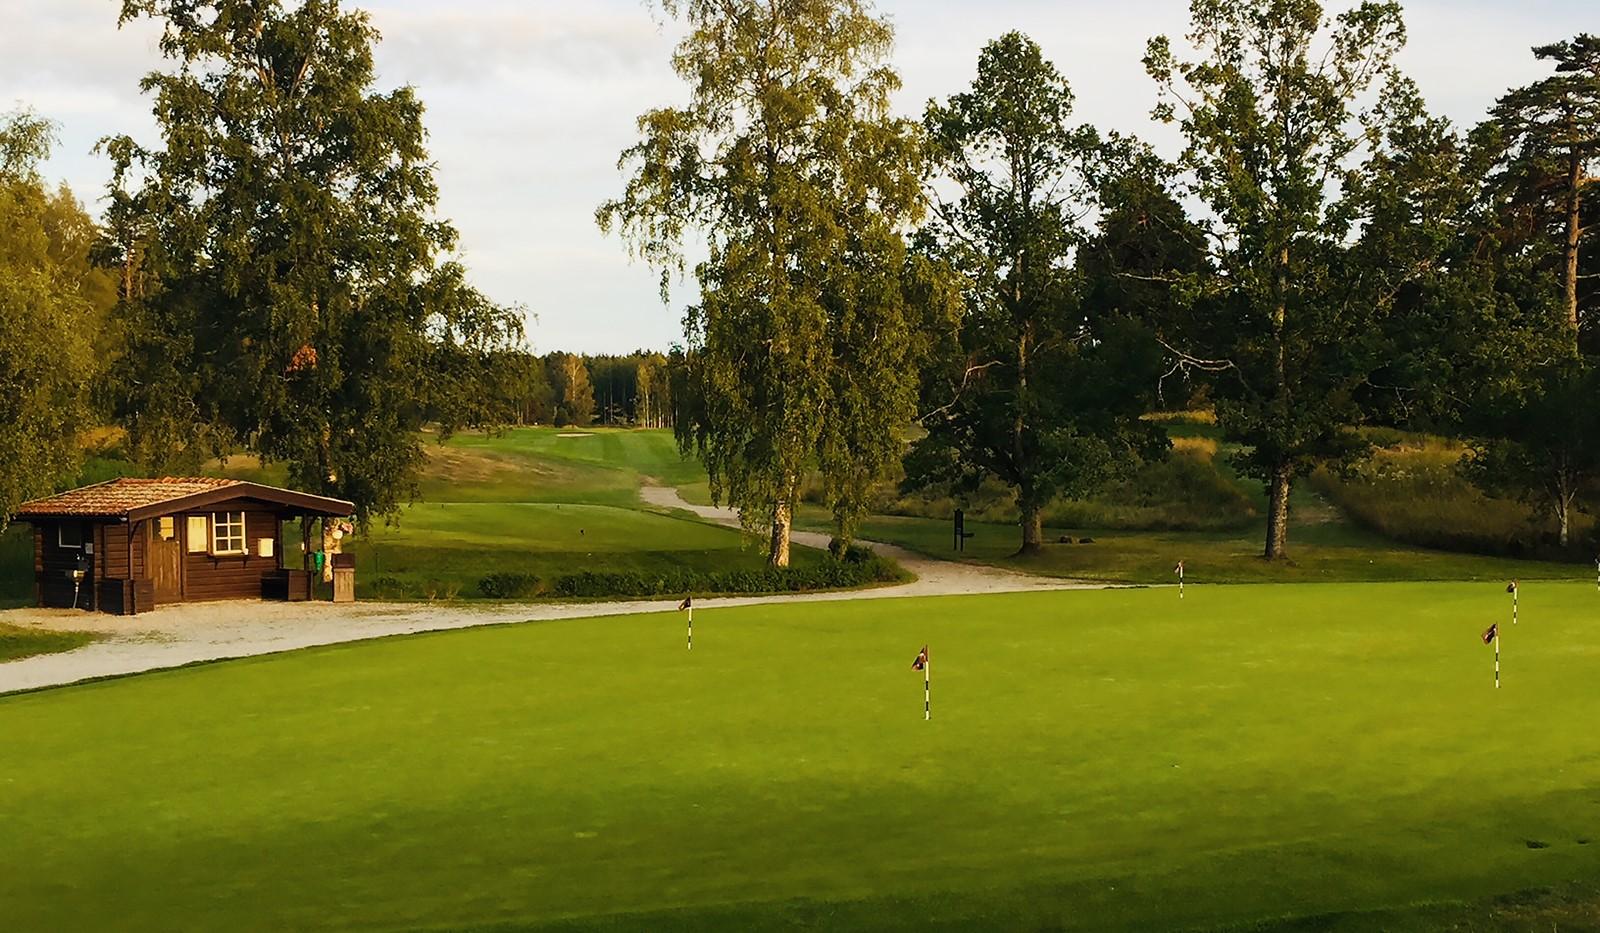 Ringuddsslingan 31 - Bro Bålsta Golf Klubb